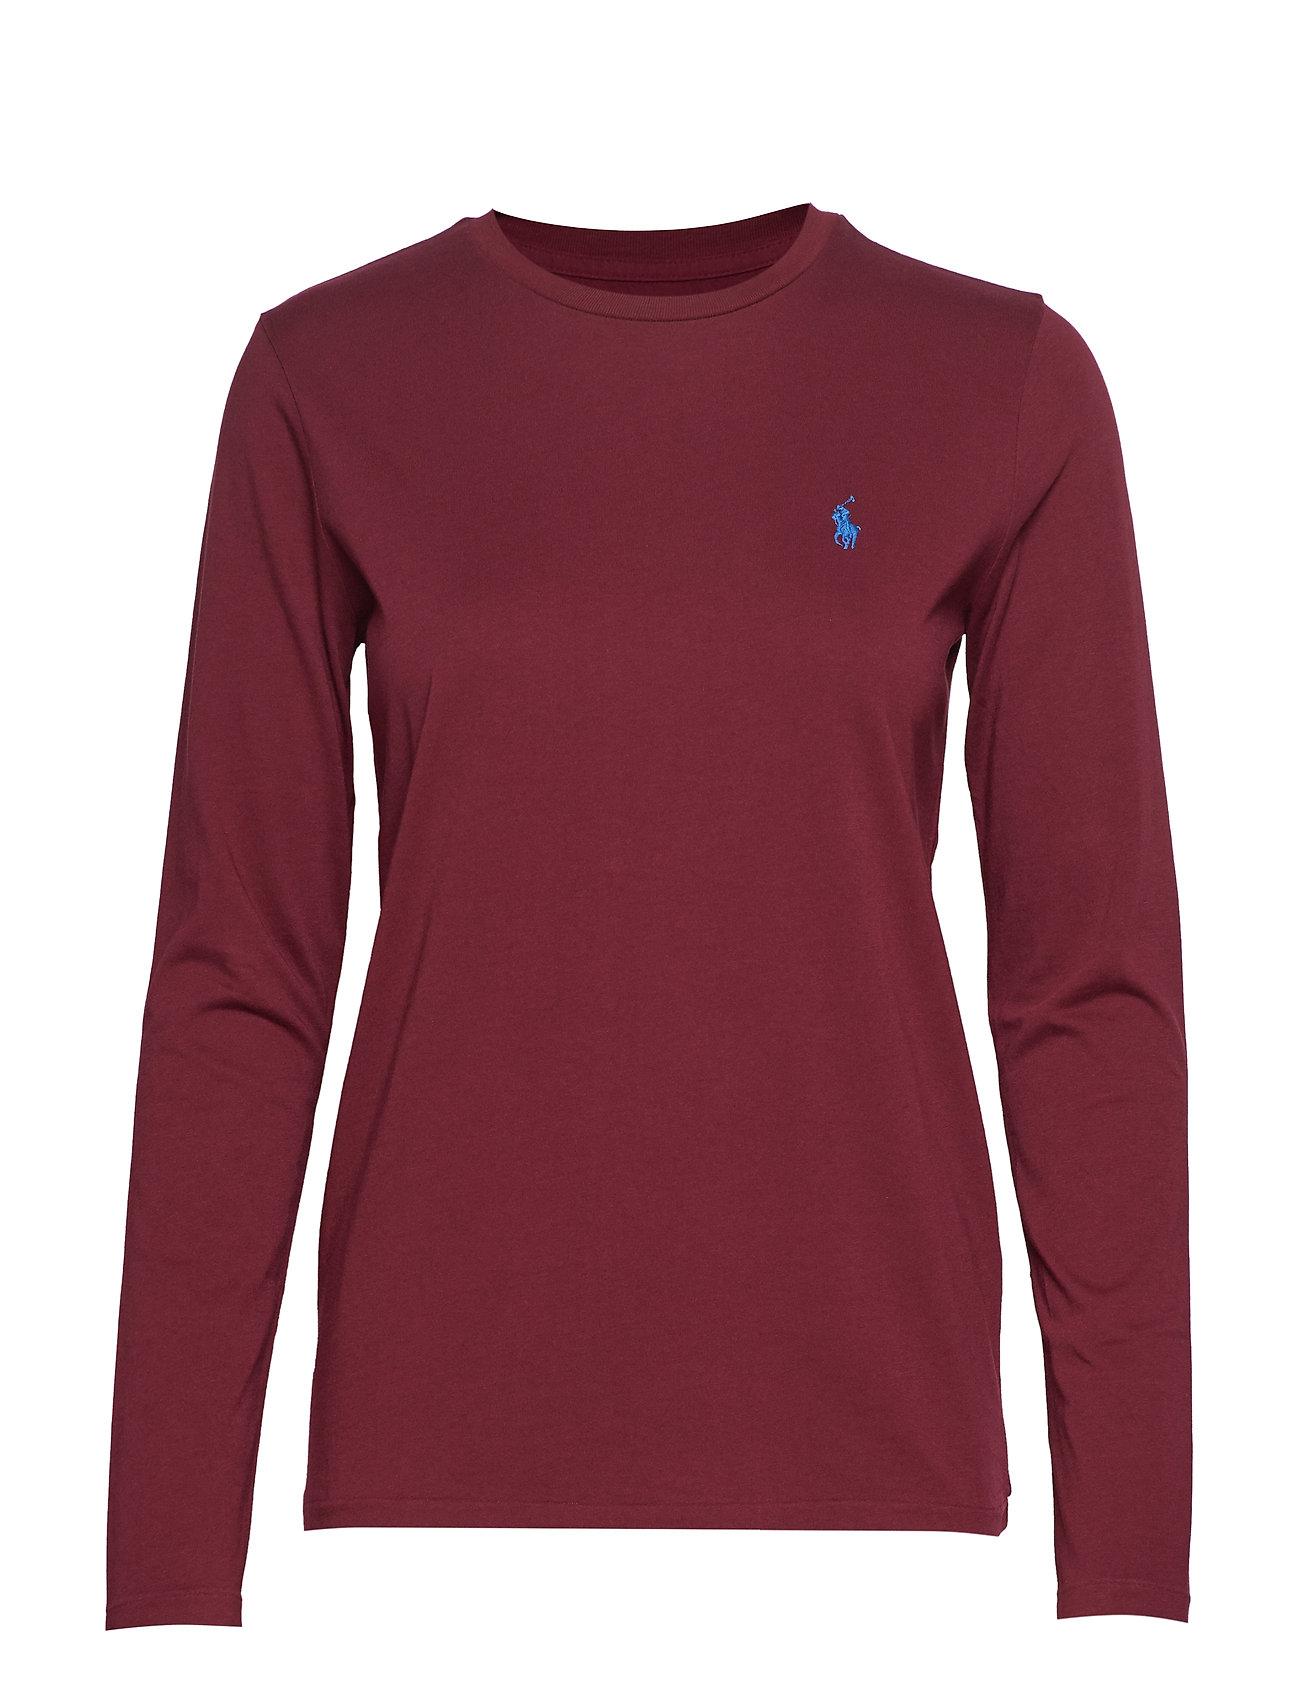 Polo Ralph Lauren Jersey Long-Sleeve Shirt - CLASSIC WINE